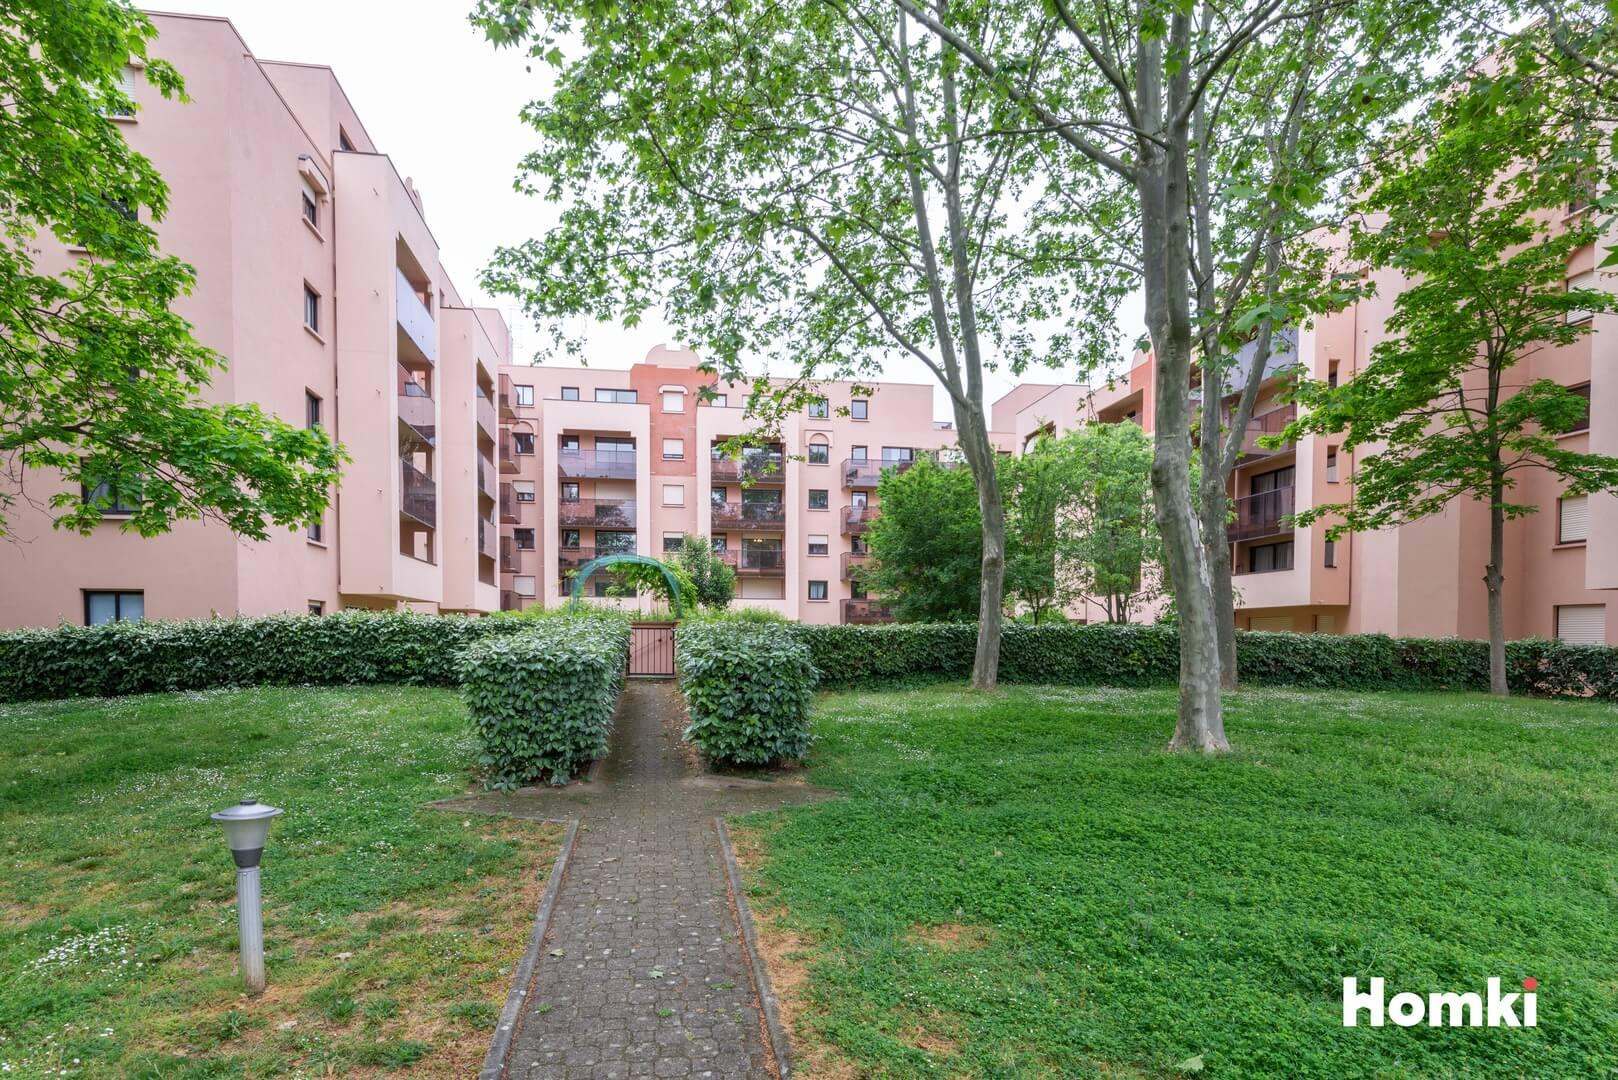 Homki - Vente Appartement  de 56.0 m² à Toulouse 31400